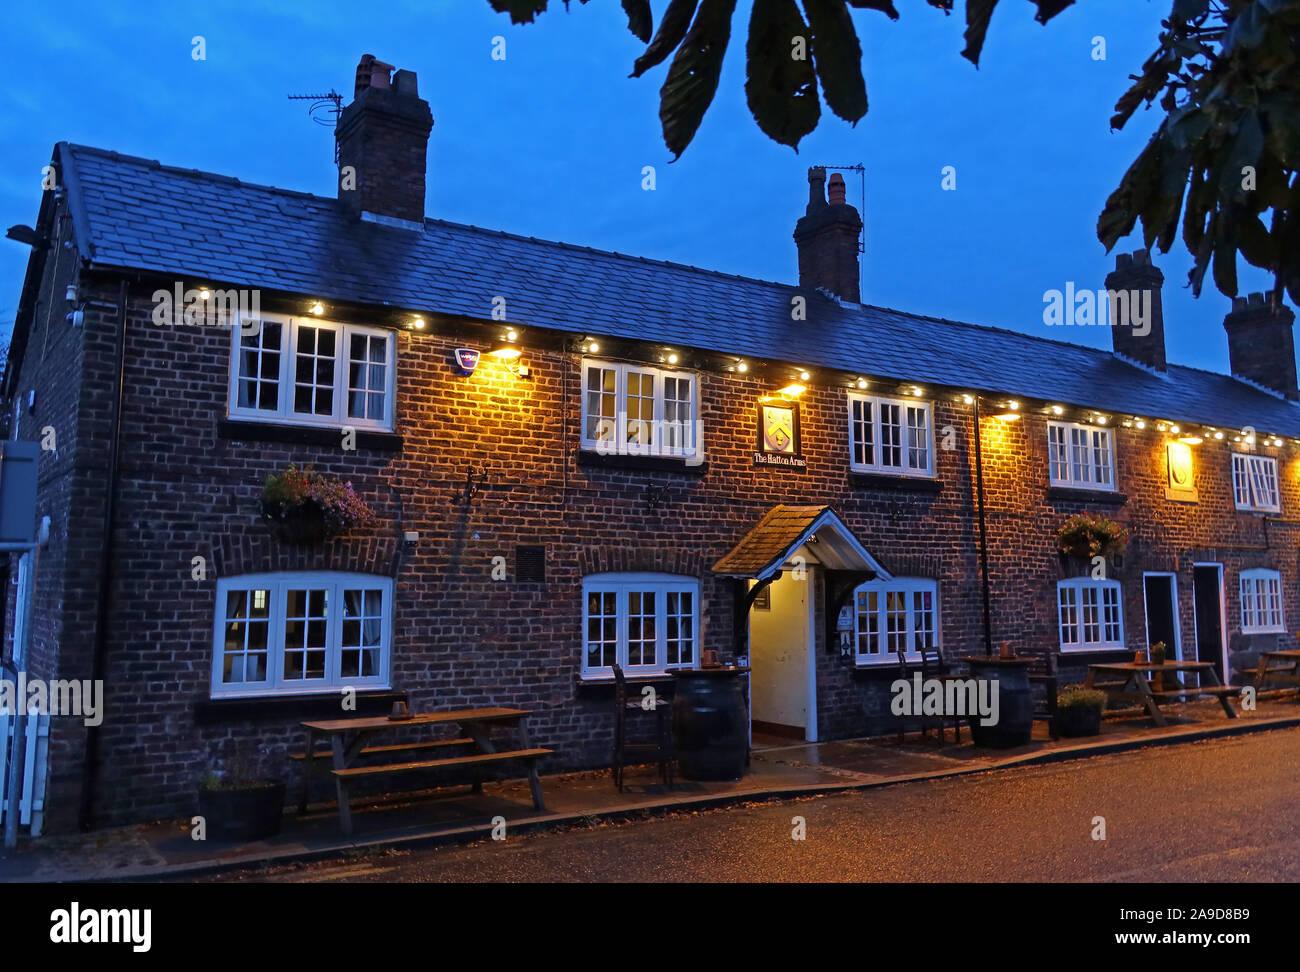 Dieses Stockfoto: Das Hatton Arme bei Dämmerung, Hatton Ln, Hatton, Warrington, Cheshire, North West England, UK, WA4 4DB - 2A9D8B